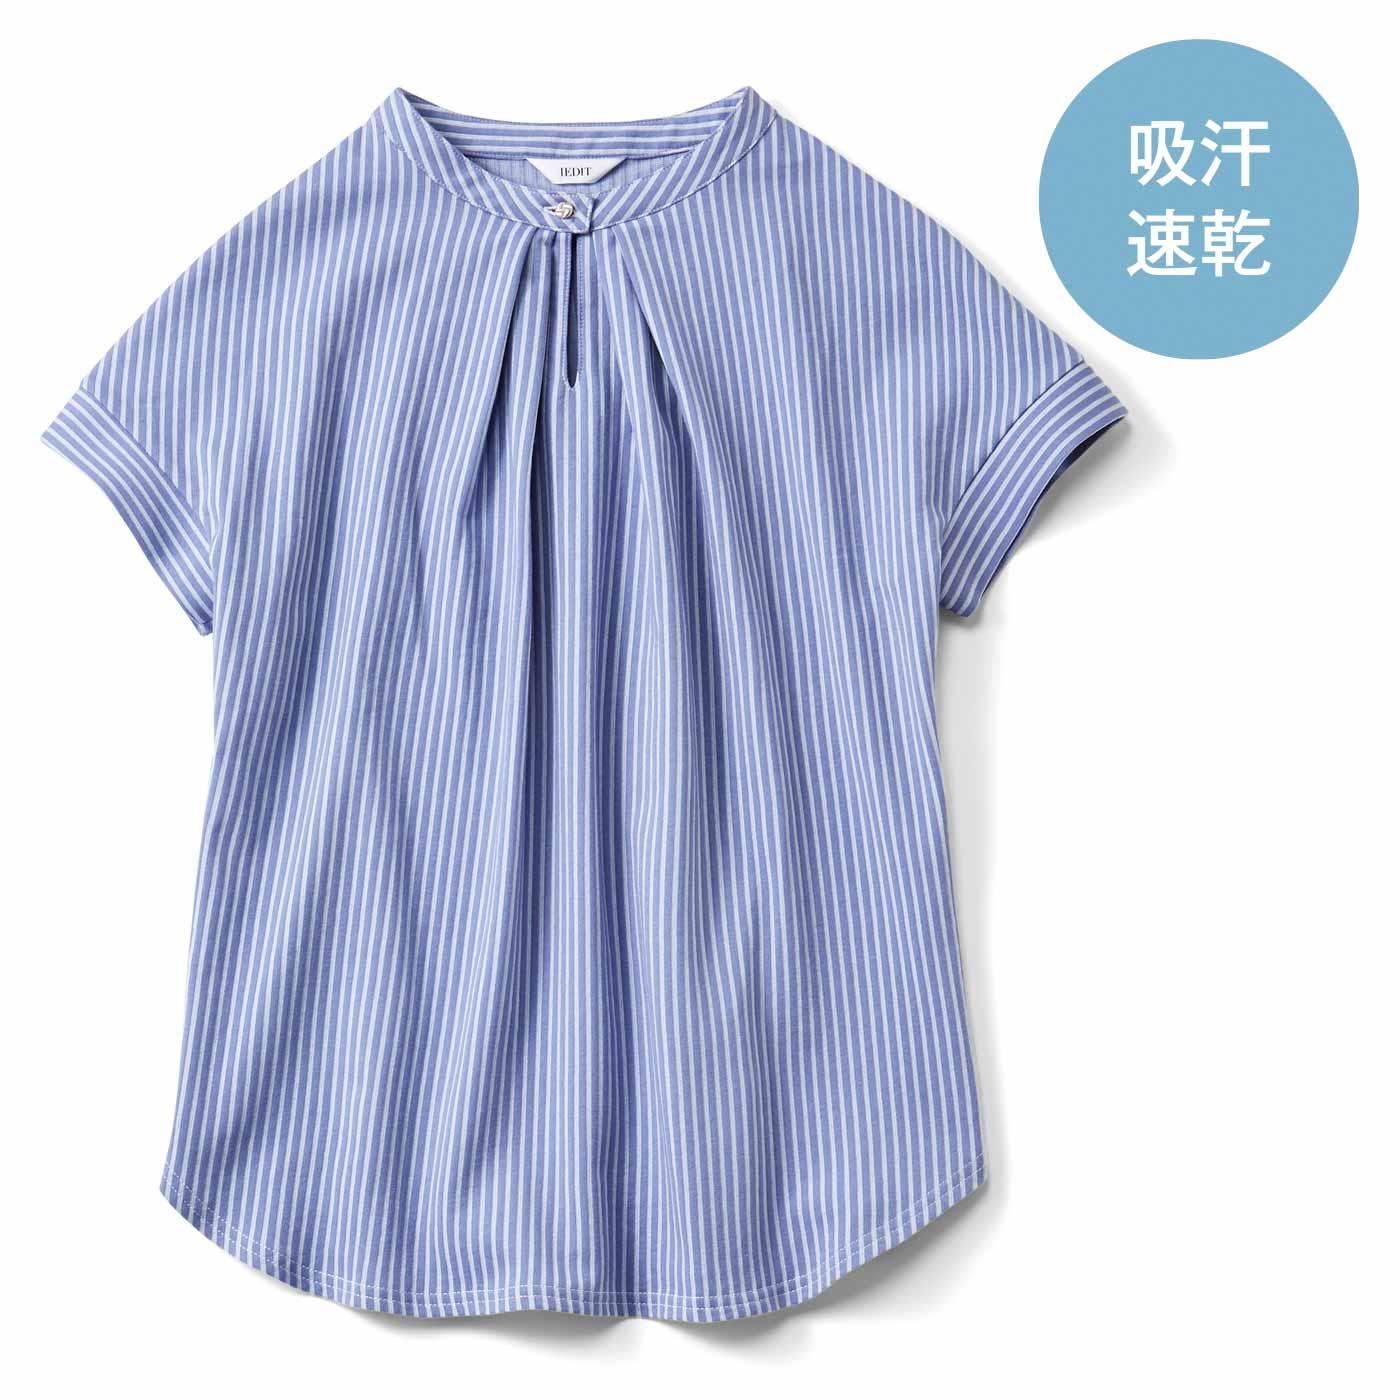 IEDIT[イディット] きれいに見えてちゃっかり快適な吸汗速乾カットソーシャツブラウス〈ブルー〉